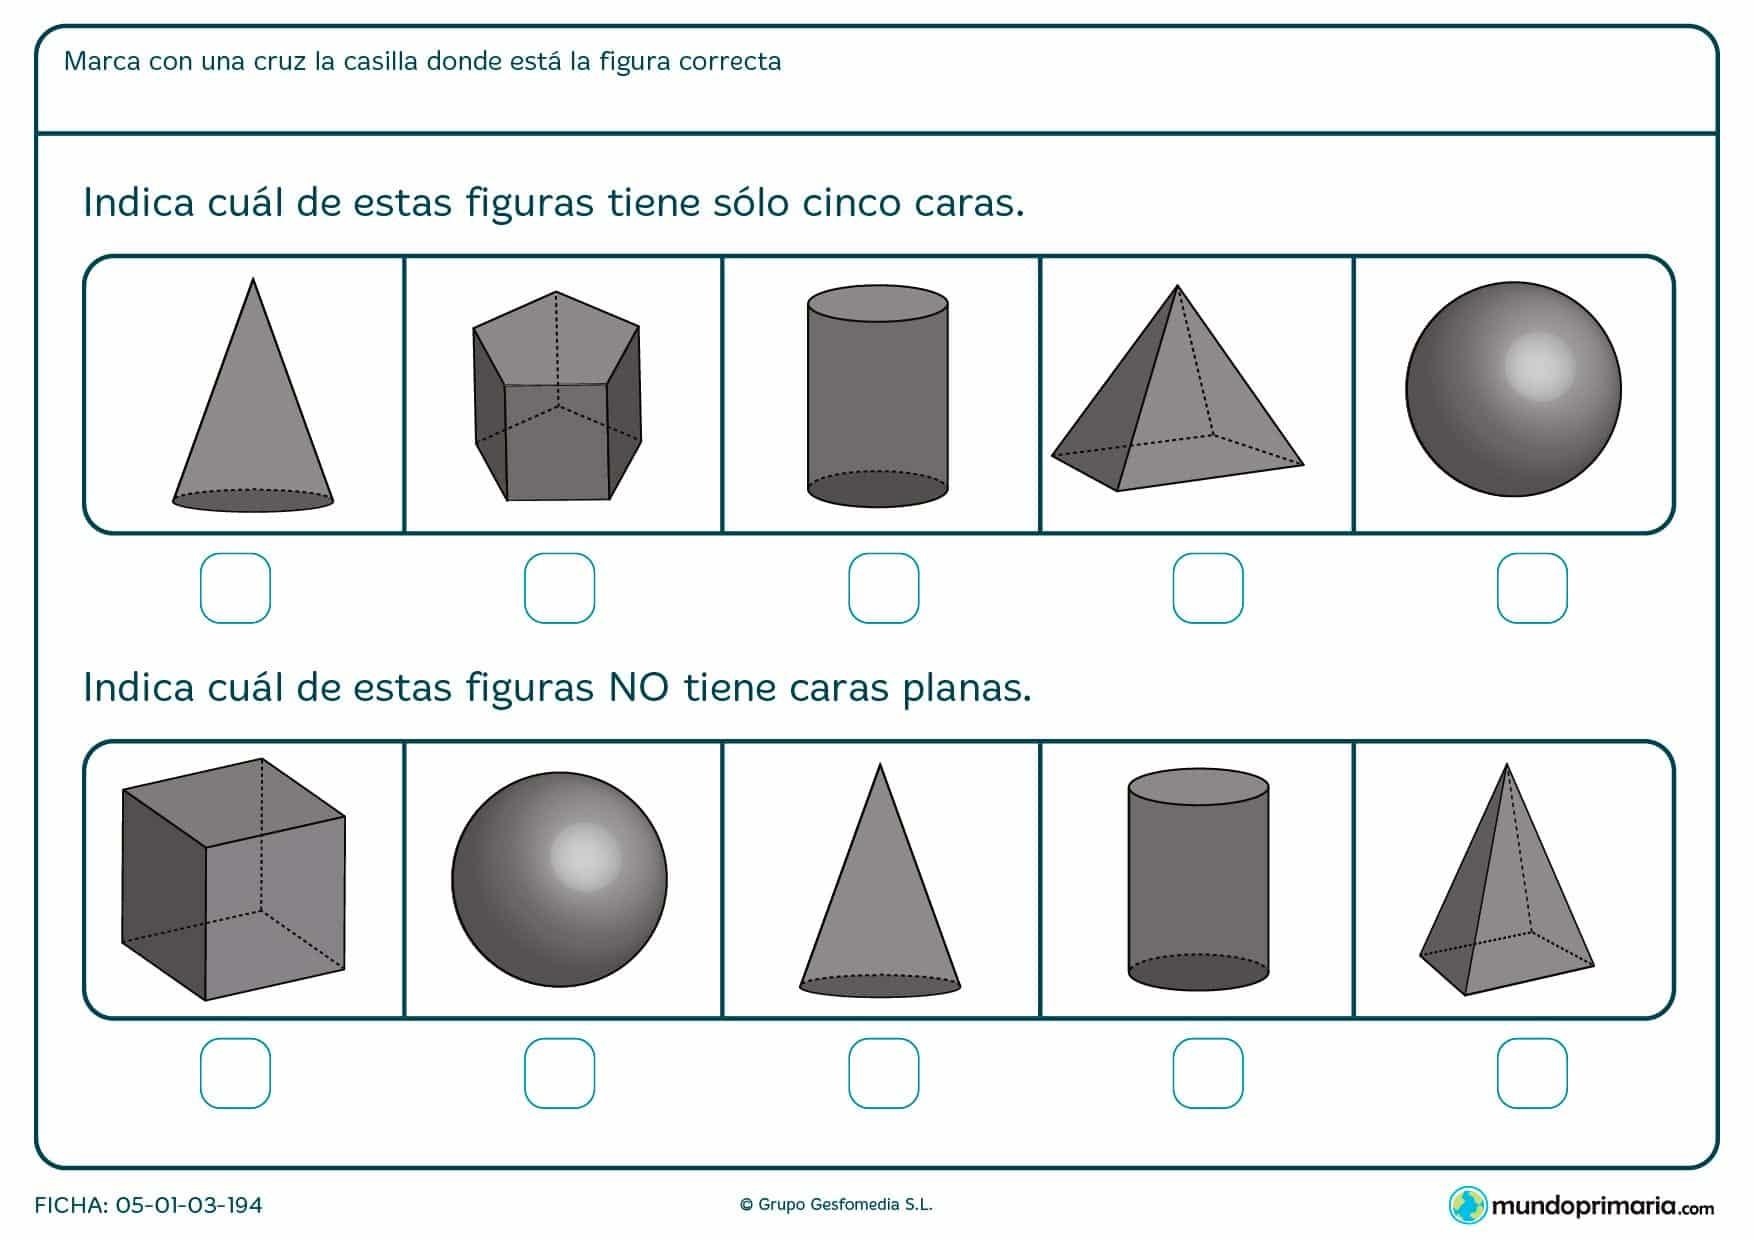 Ficha para elegir las figuras geométricas con cinco caras y las que no tienen caras planas.